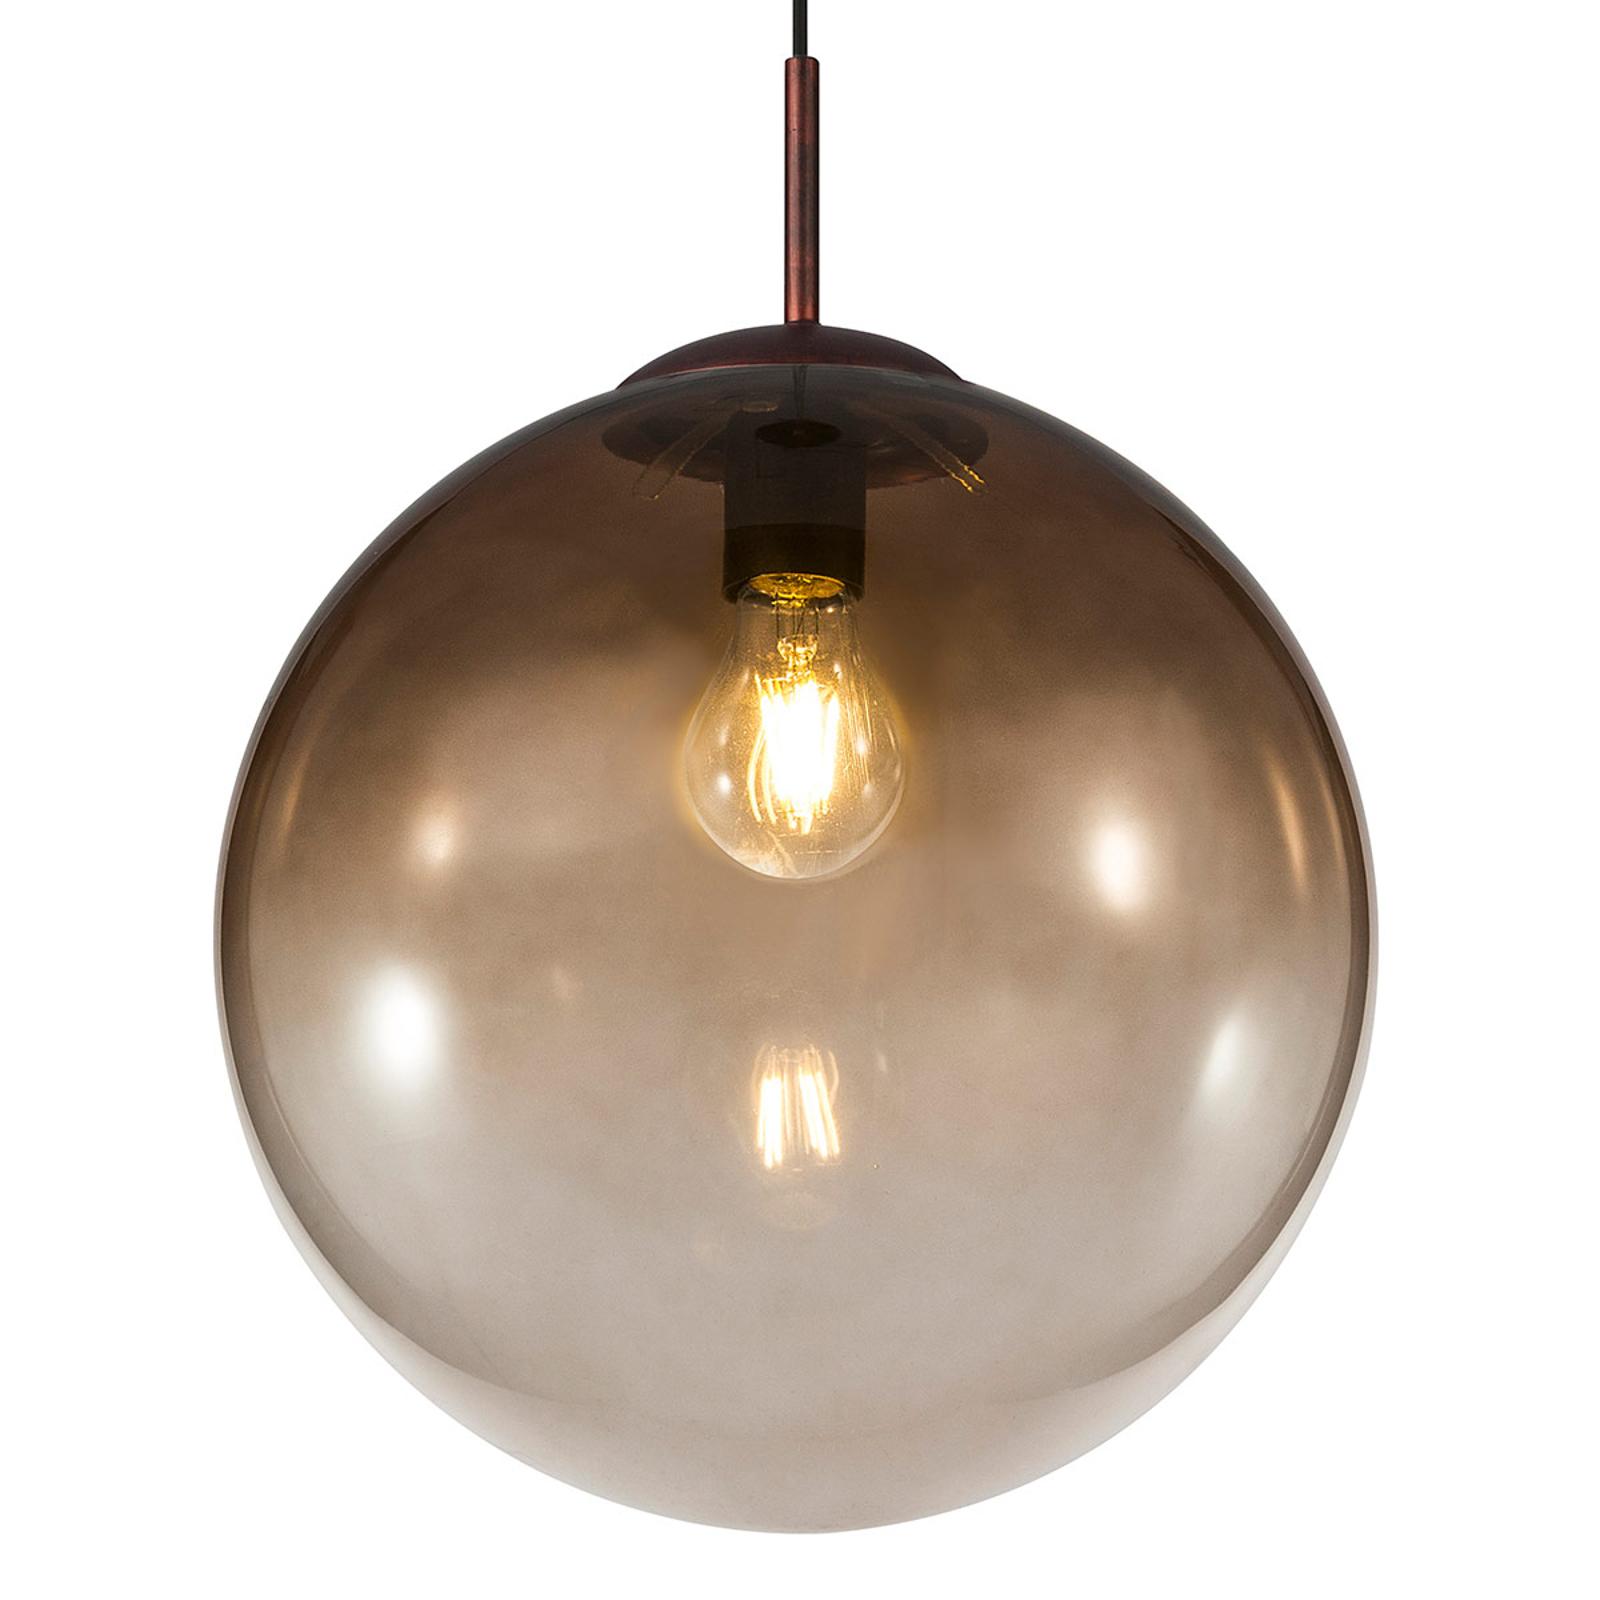 Skleněné závěsné svítidlo Varus jantar Ø 33 cm